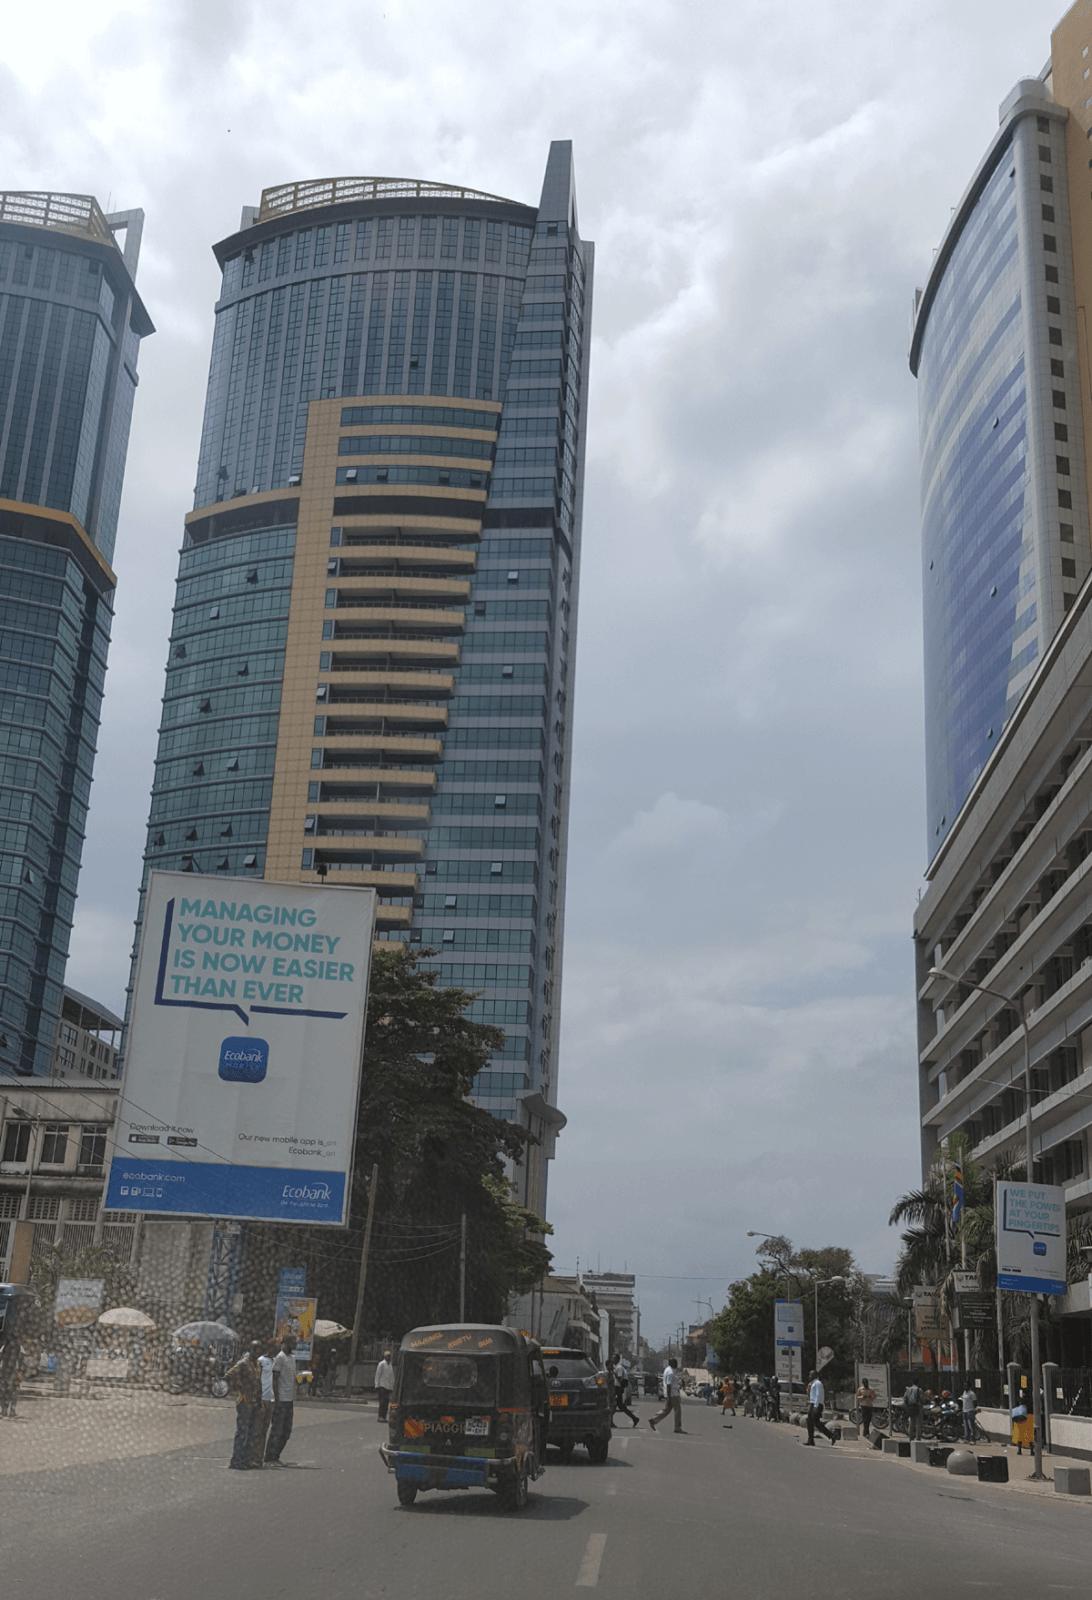 Things to do in Dar es Salaam - Skyline